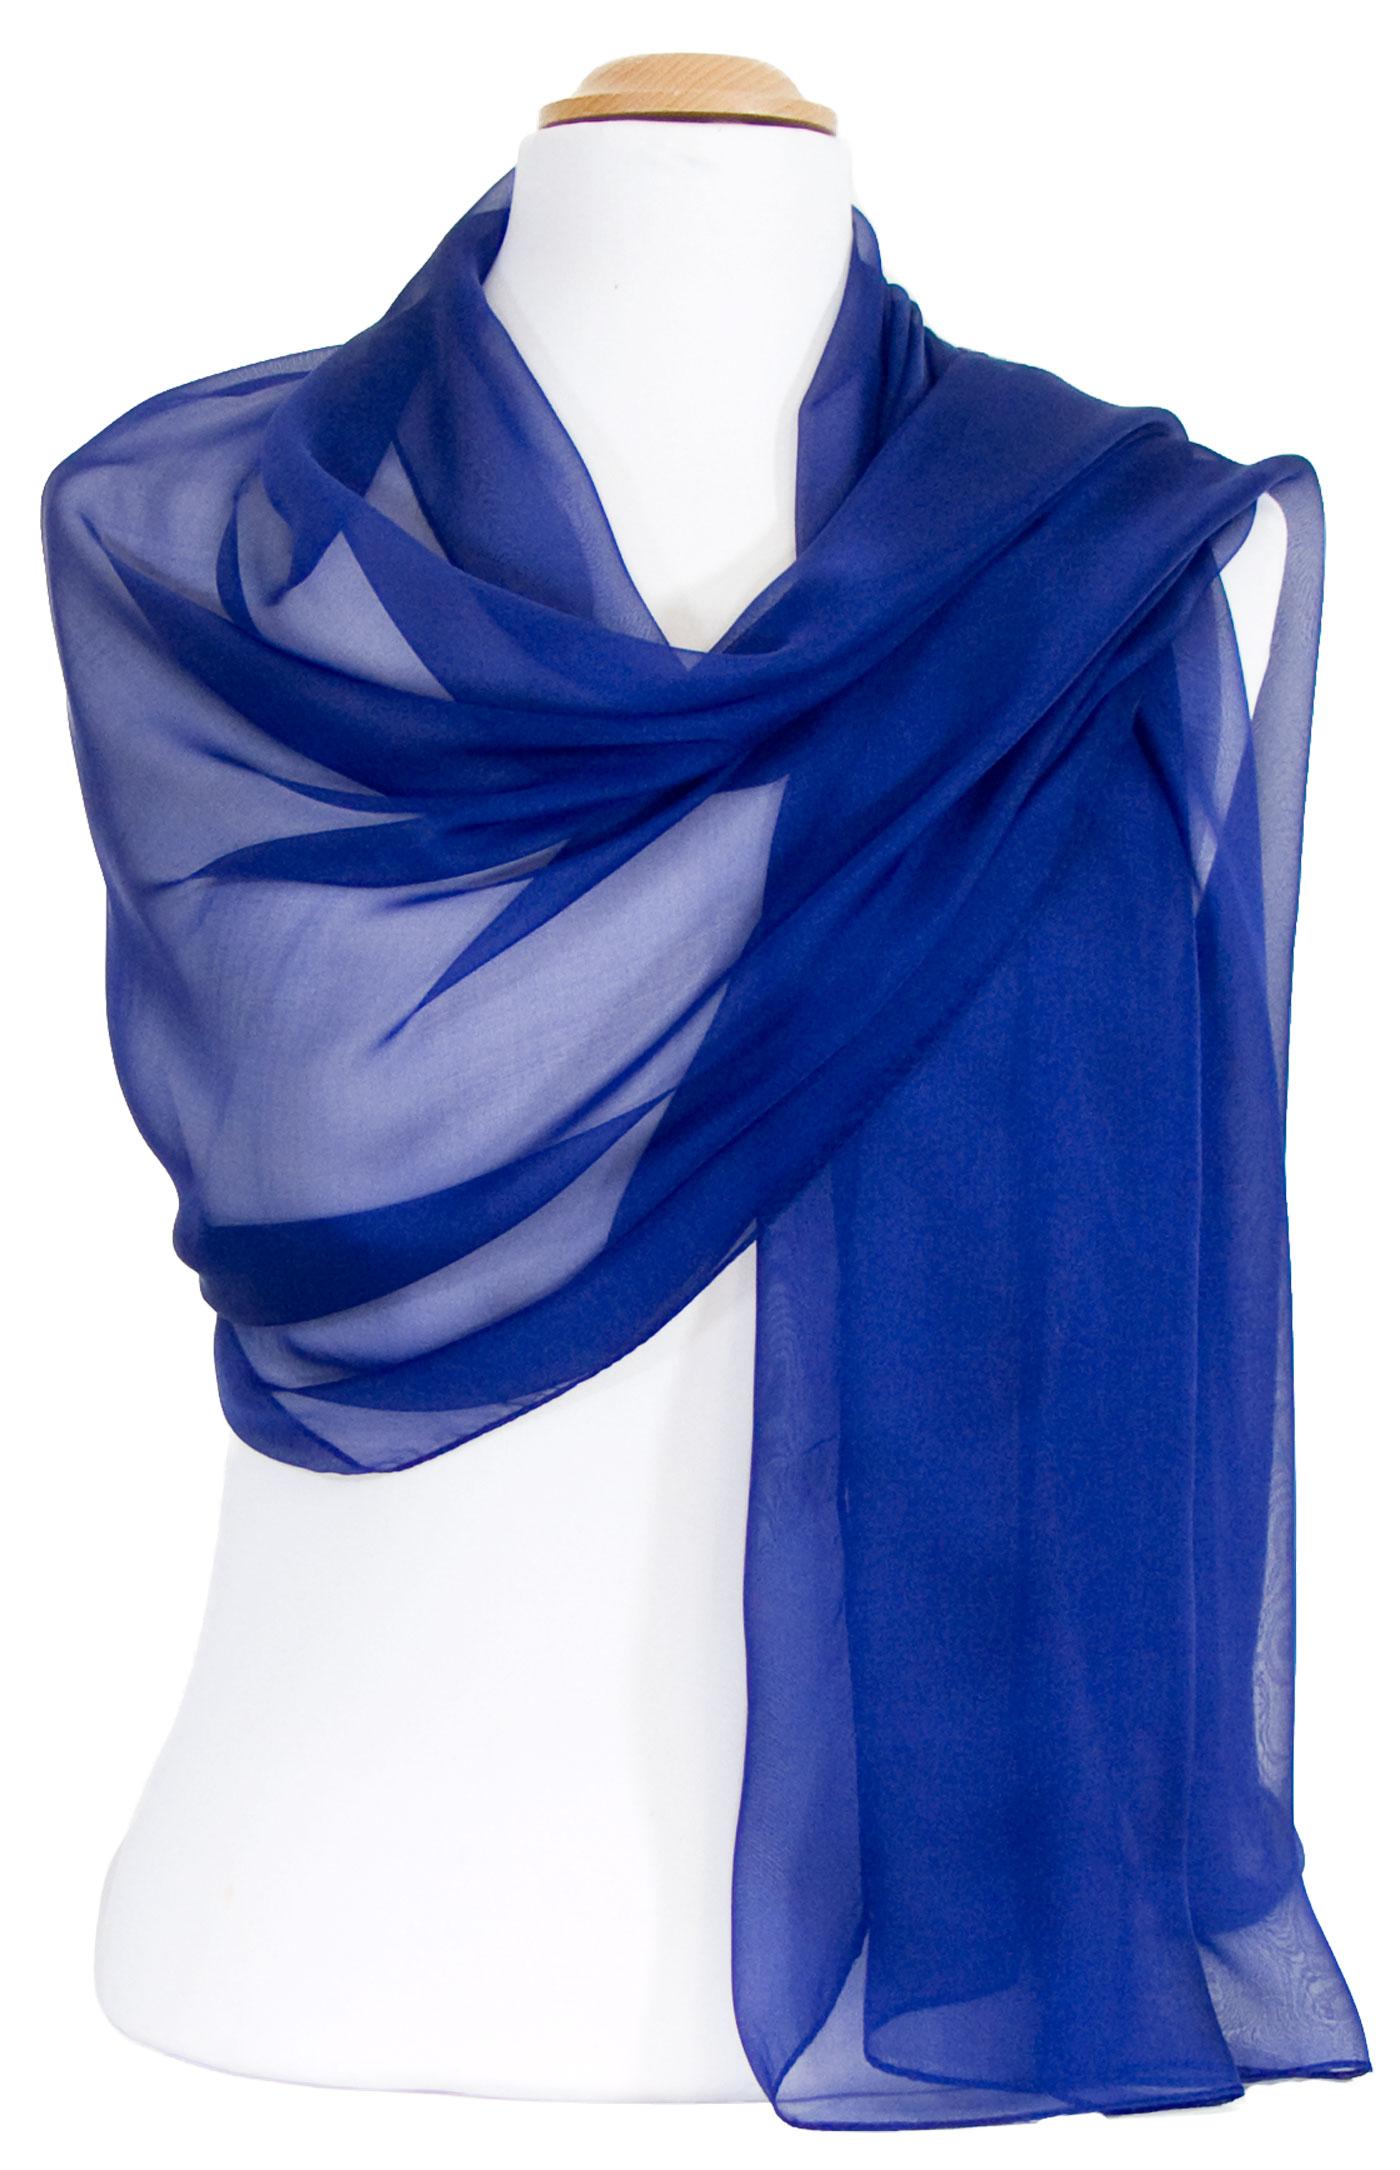 étole bleu marine mousseline de soie